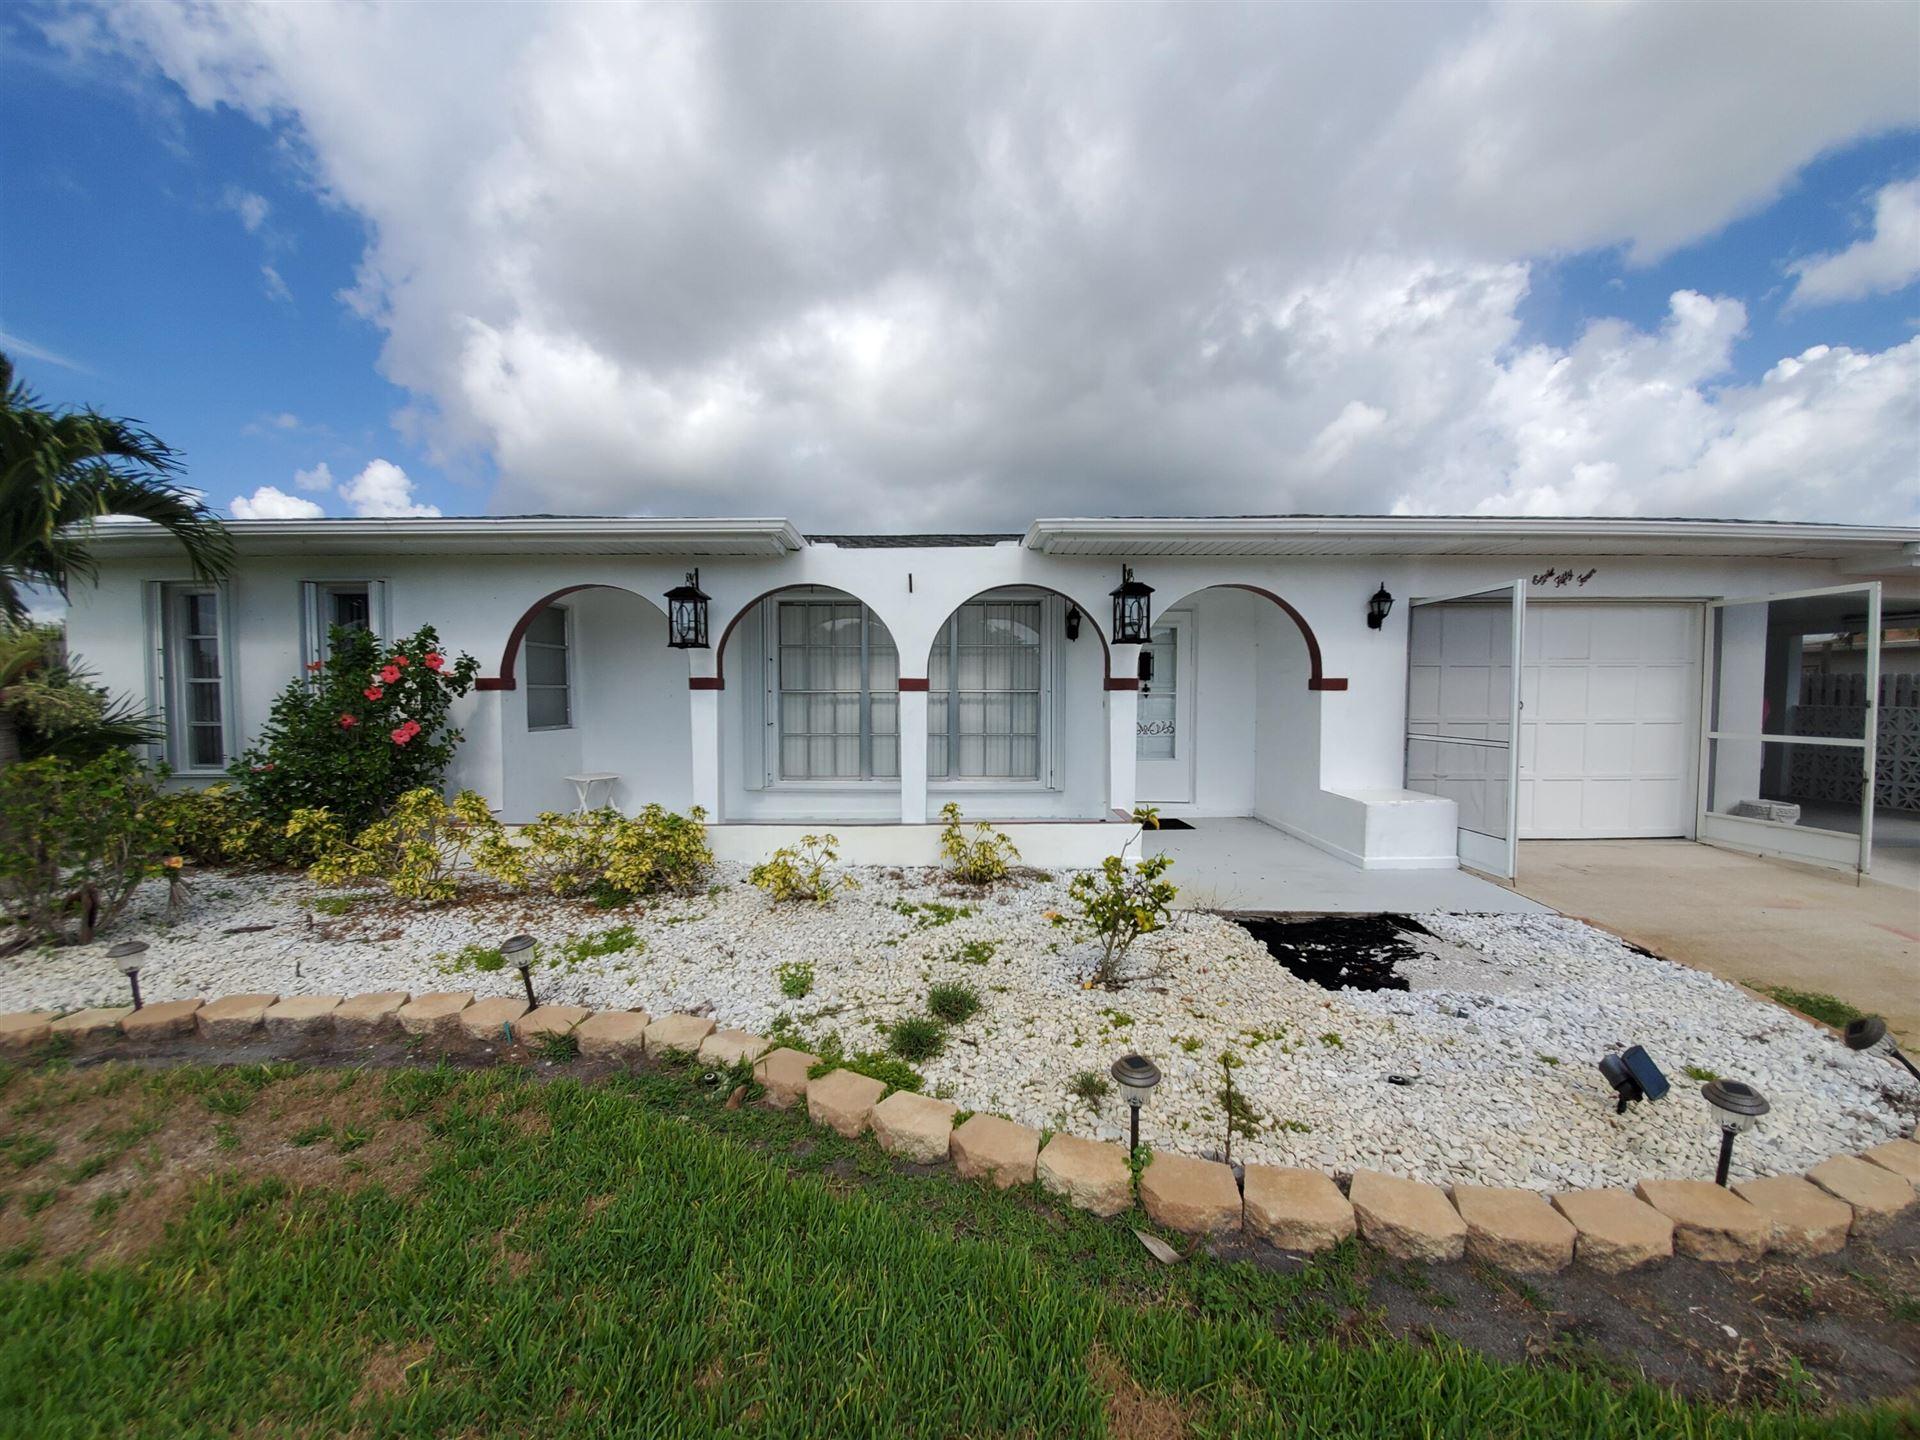 854 SE Corto Terrace, Port Saint Lucie, FL 34983 - MLS#: RX-10712374